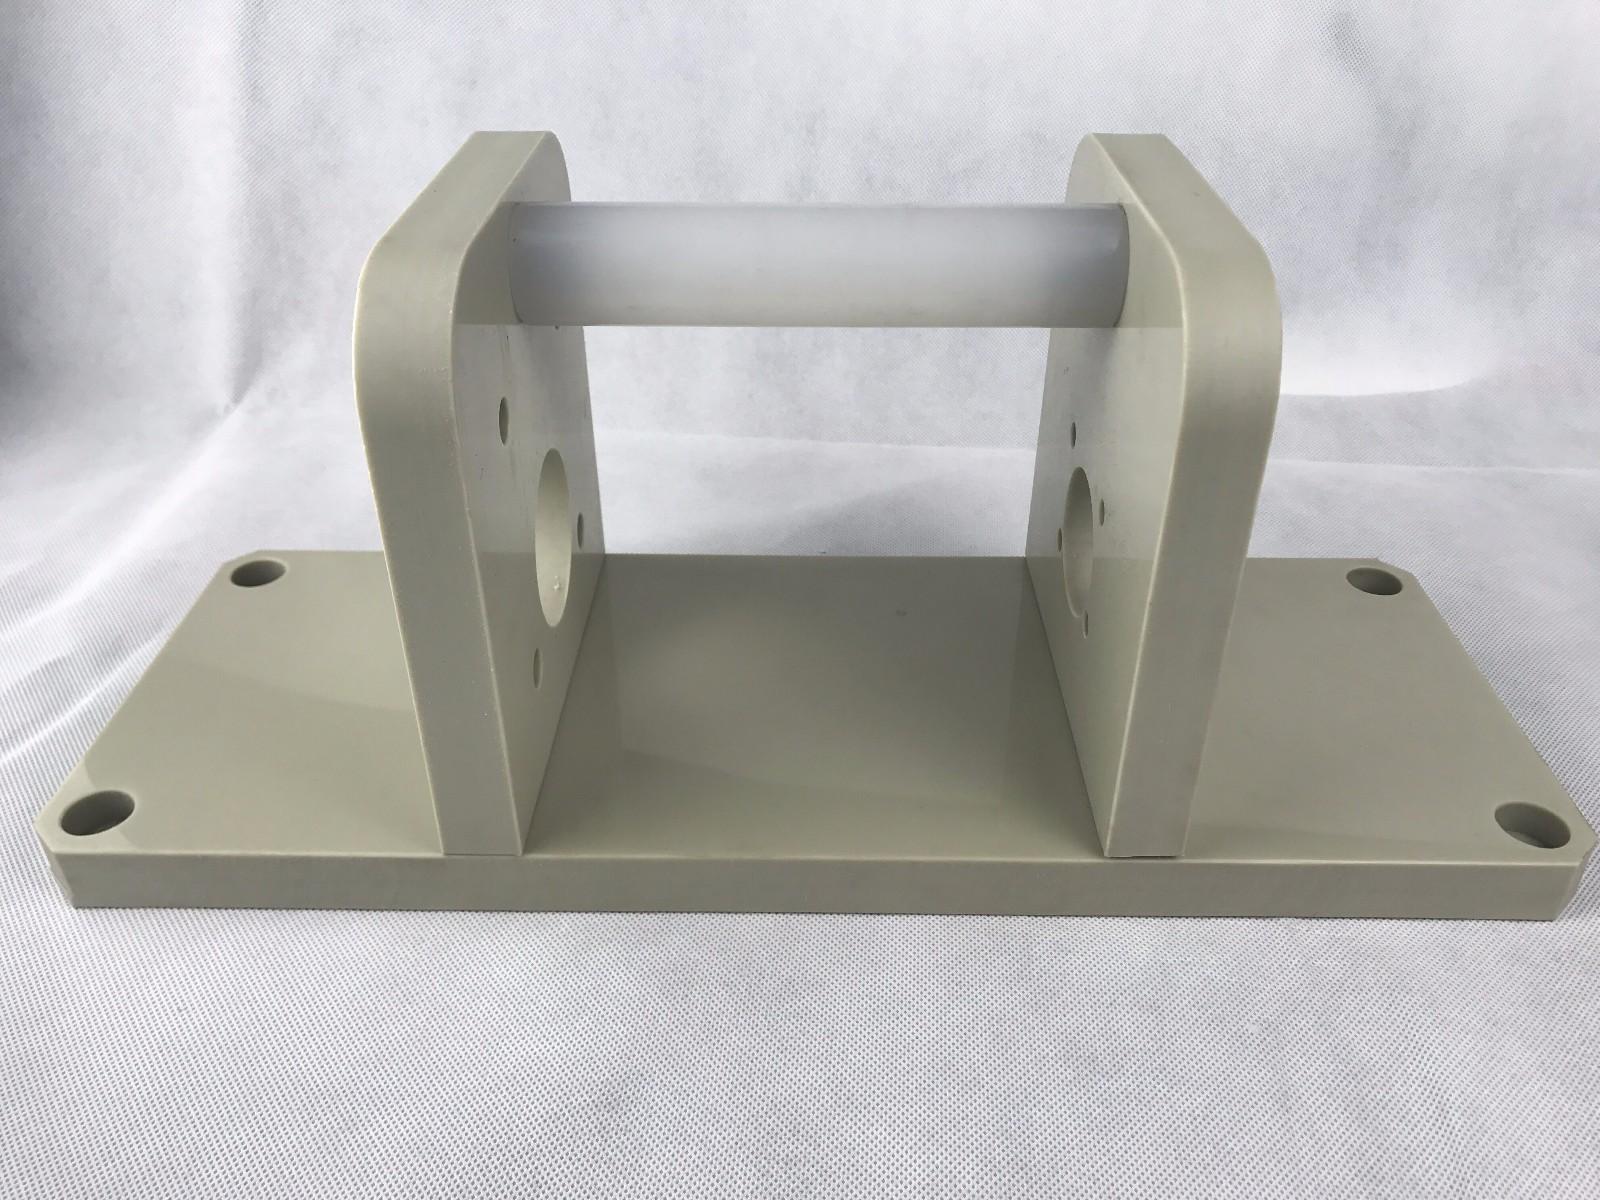 标准涂料泵安装支架|标准涂料泵安装支架-肇庆市百瑞德机械配件有限公司